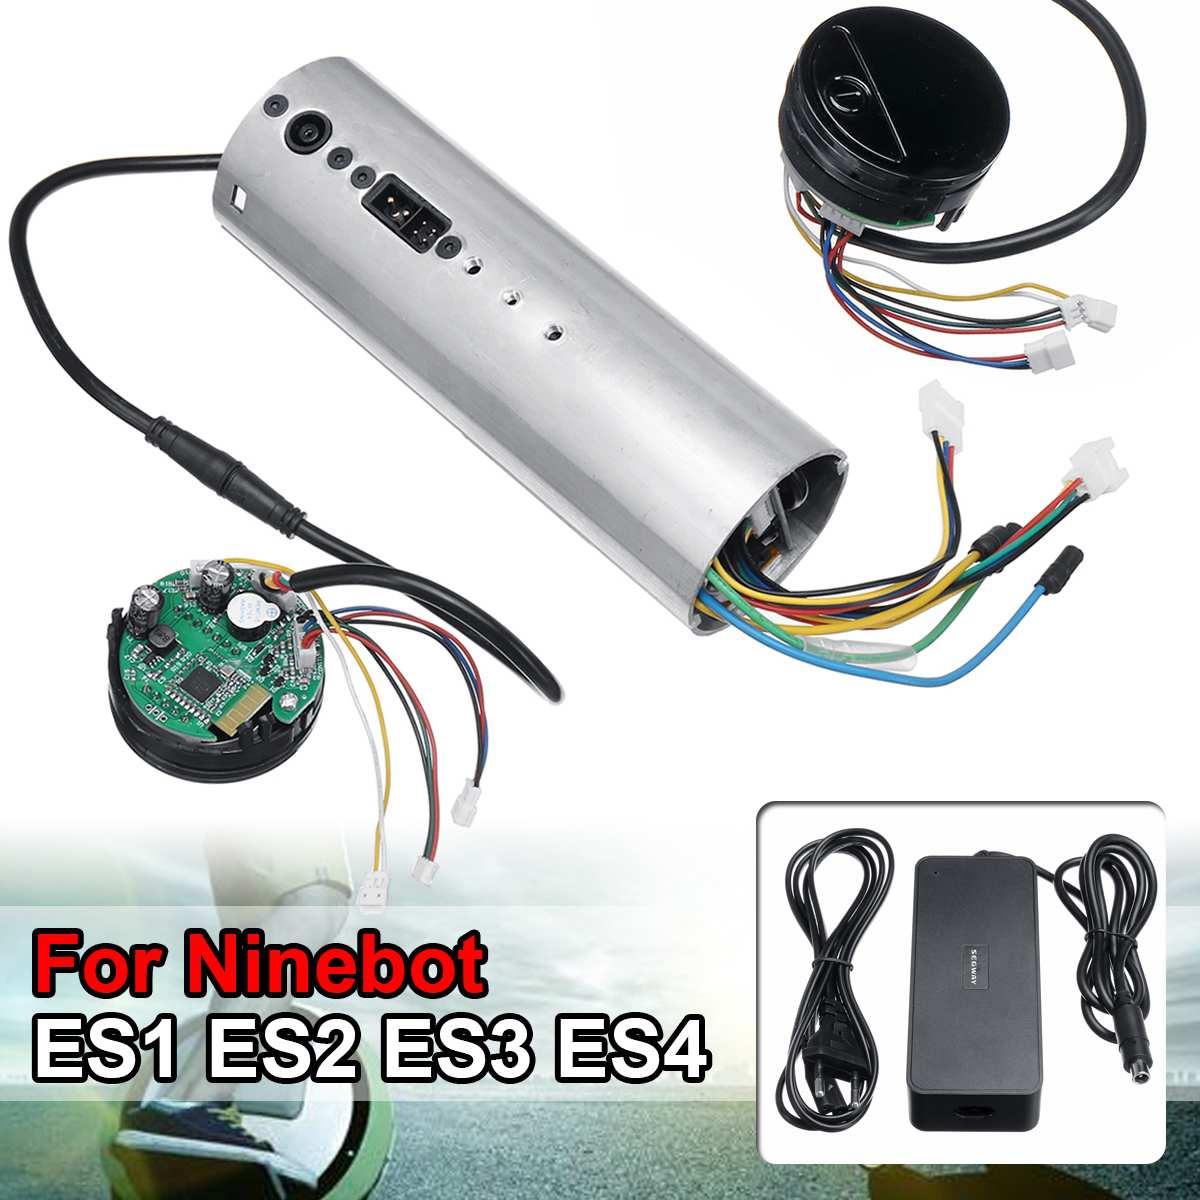 Scooter elétrica Controlador de Placa de Controle Motherboard Placa de Circuito do Bluetooth para Ninebot ES1 ES2 ES3 ES4 Ativado Painel